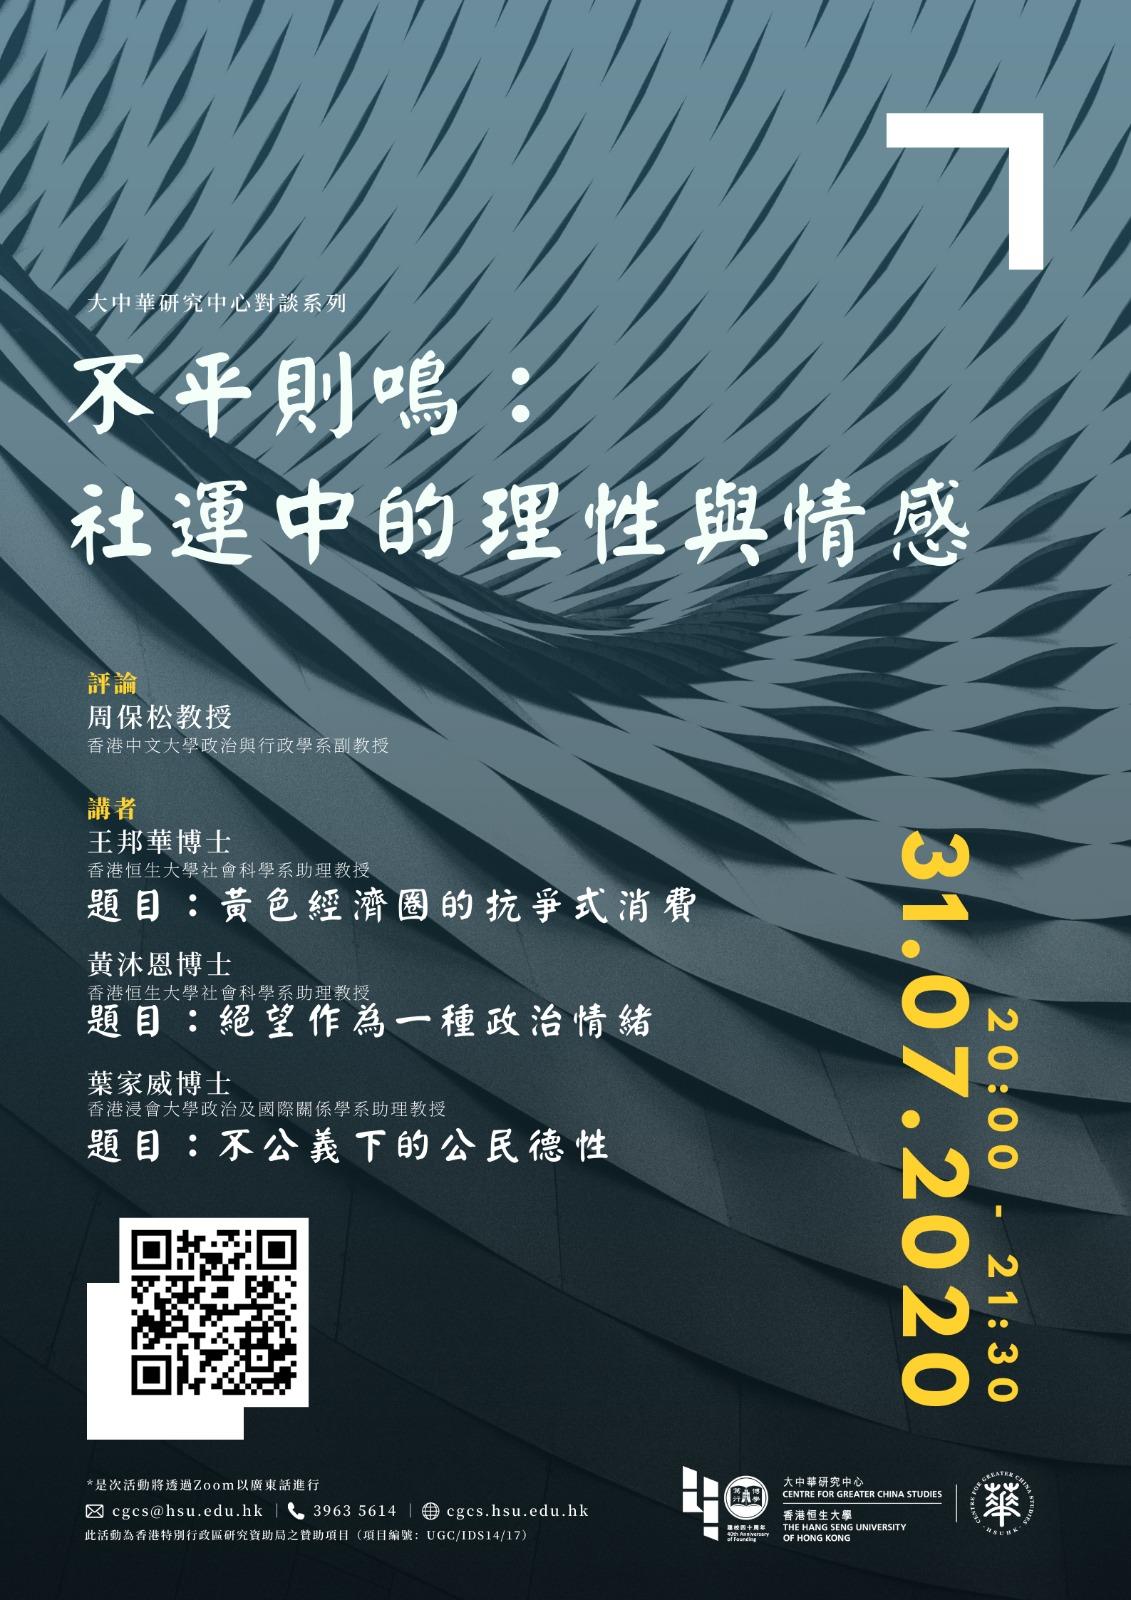 大中華研究中心對談系列:不平則鳴:社運中的理性與情感